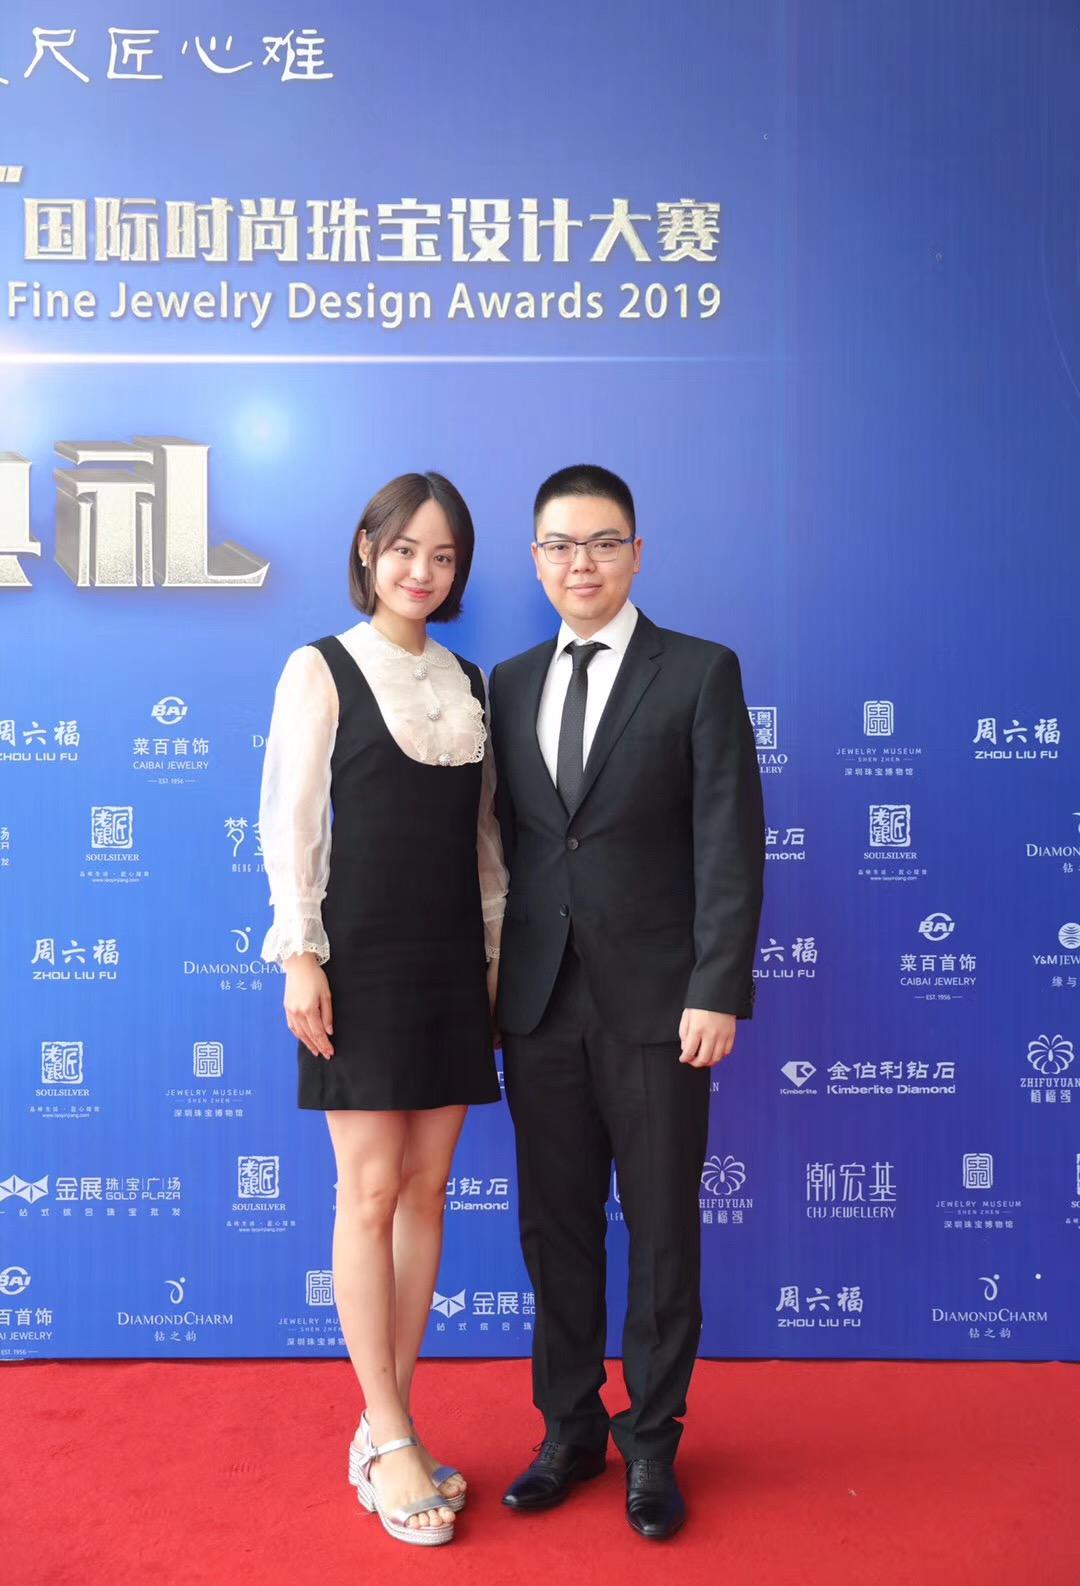 金伯利钻石集团总裁董搏先生及加拿大区负责人陈怡静女士走上典礼红毯